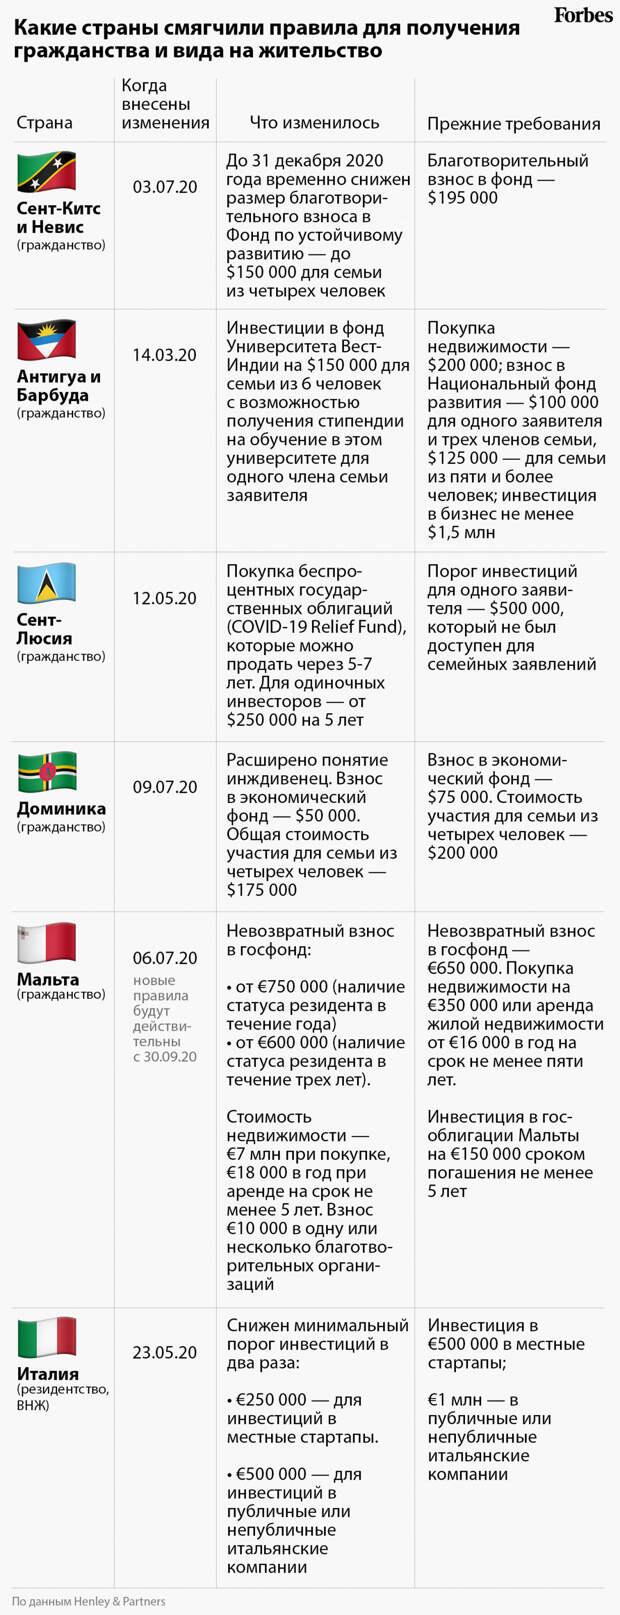 Распродажа «золотых паспортов»: коронавирус подстегнул интерес россиян к иностранному гражданству